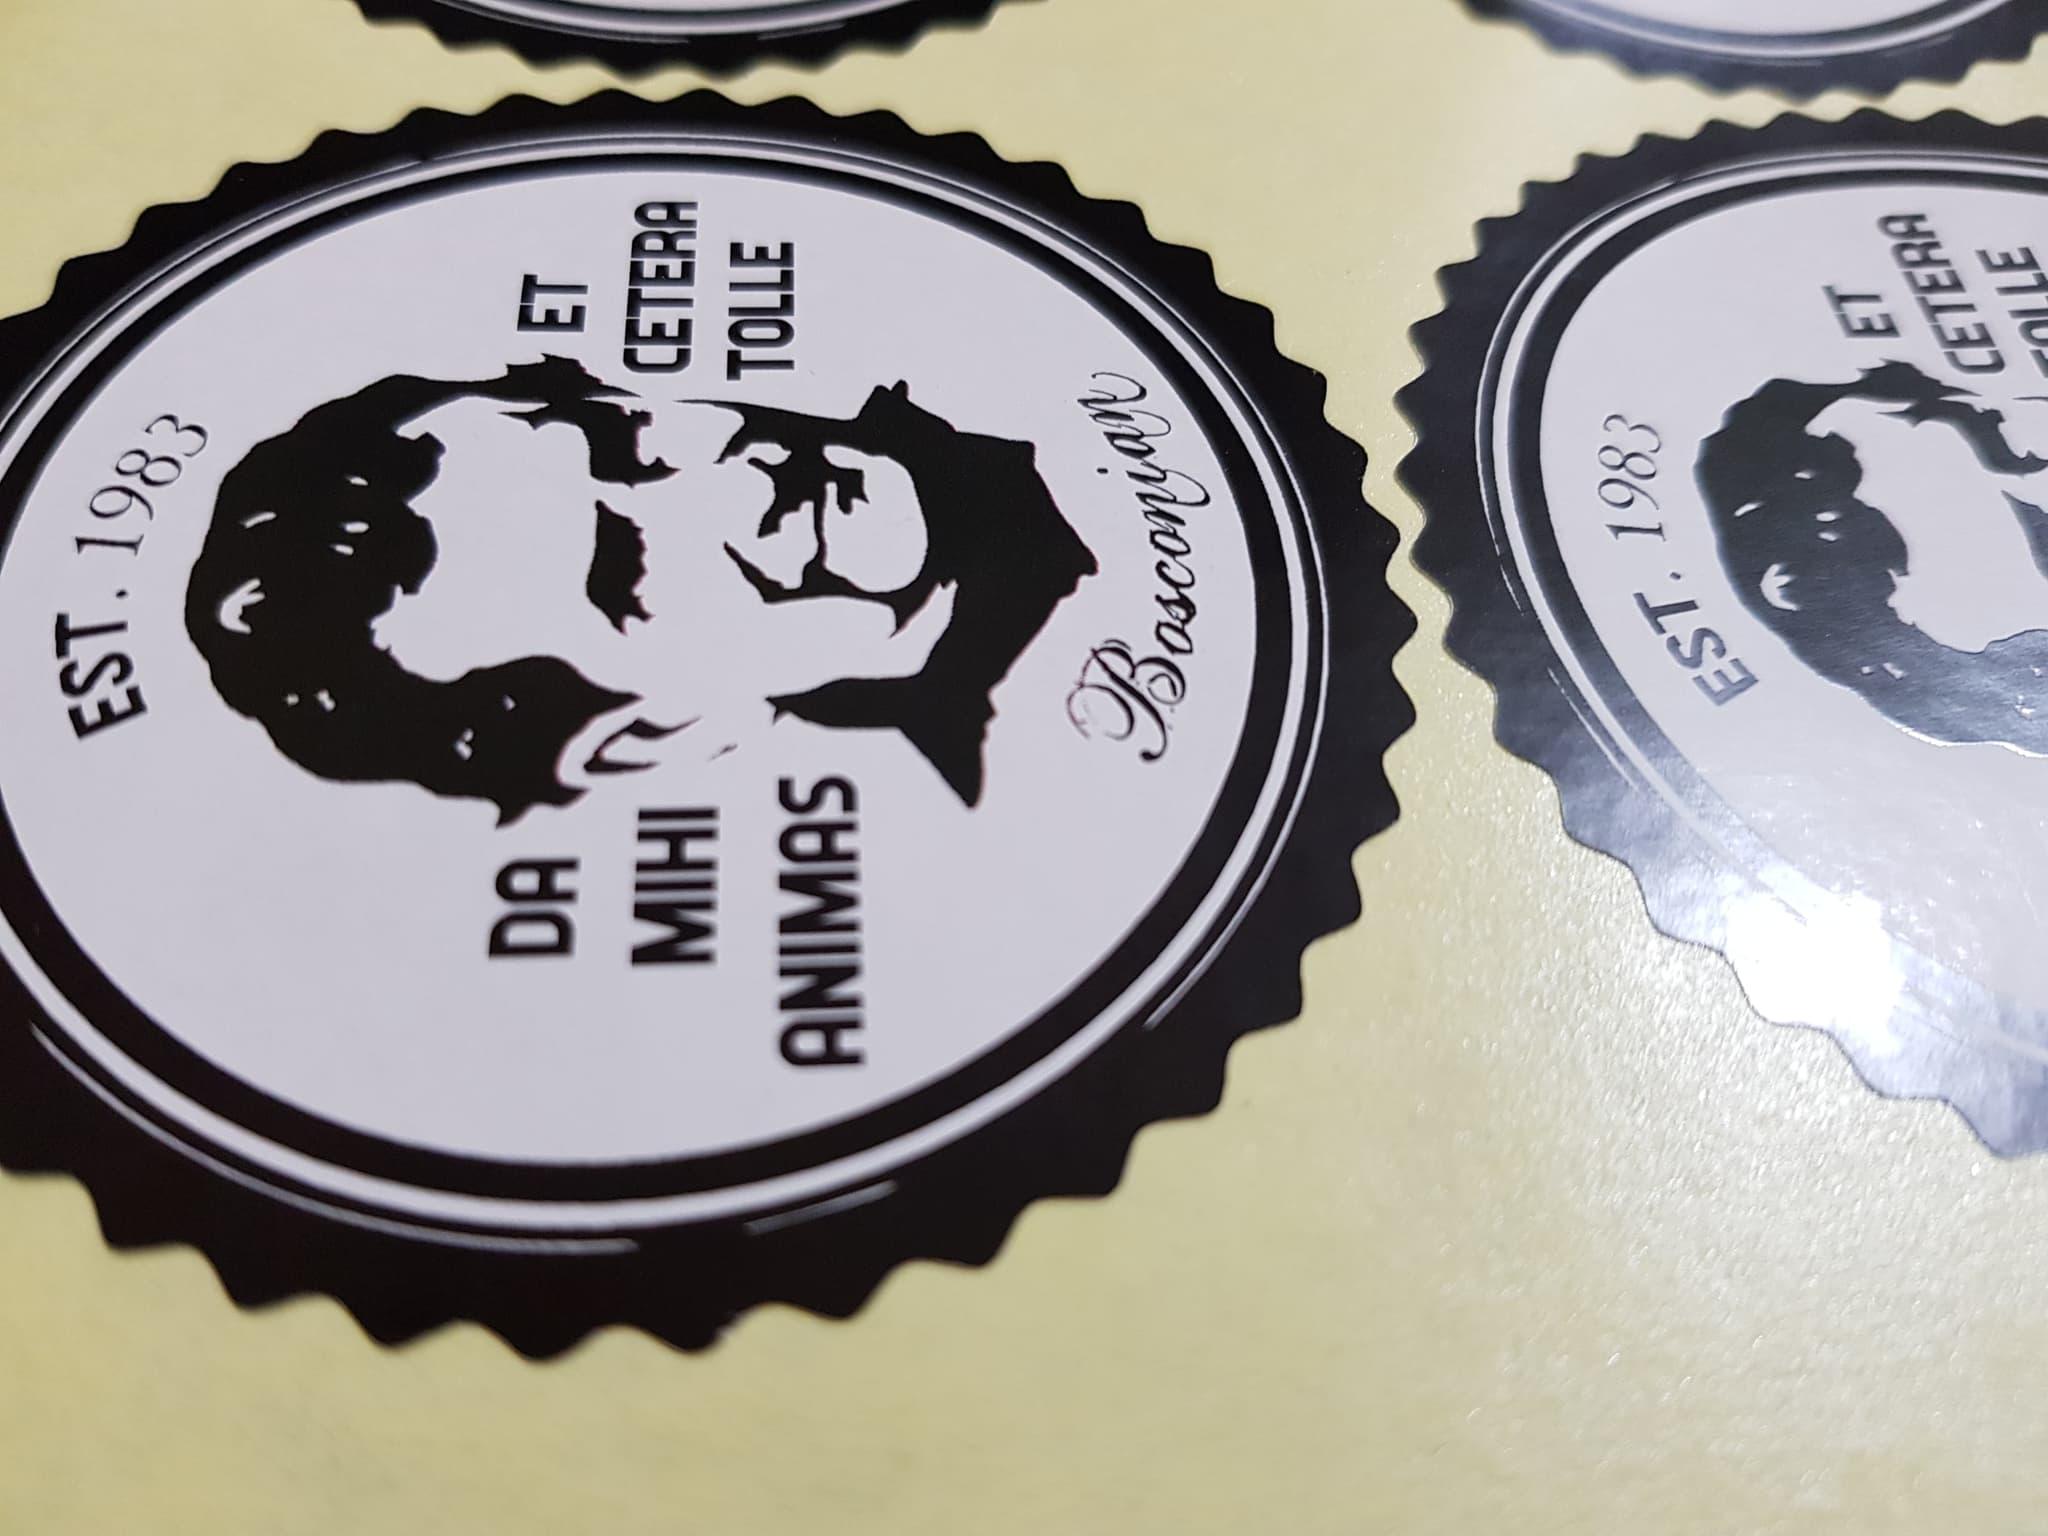 Jual digital printing stiker label nama merk brand online shop bulat